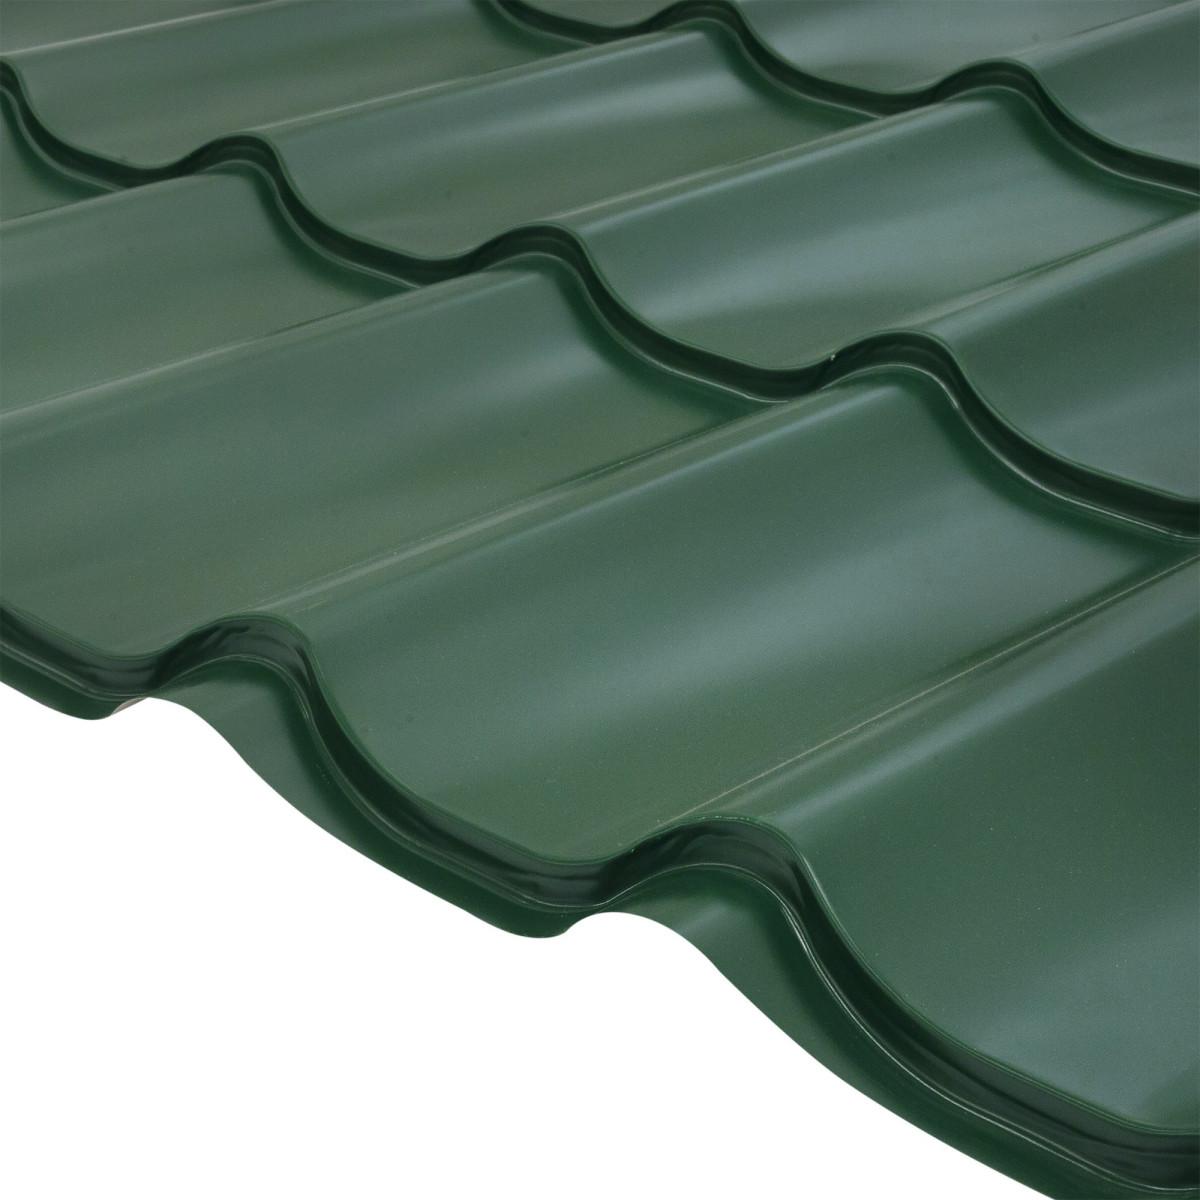 Лист металлочерепицы с полиэстеровым покрытием 3-волновый зеленый